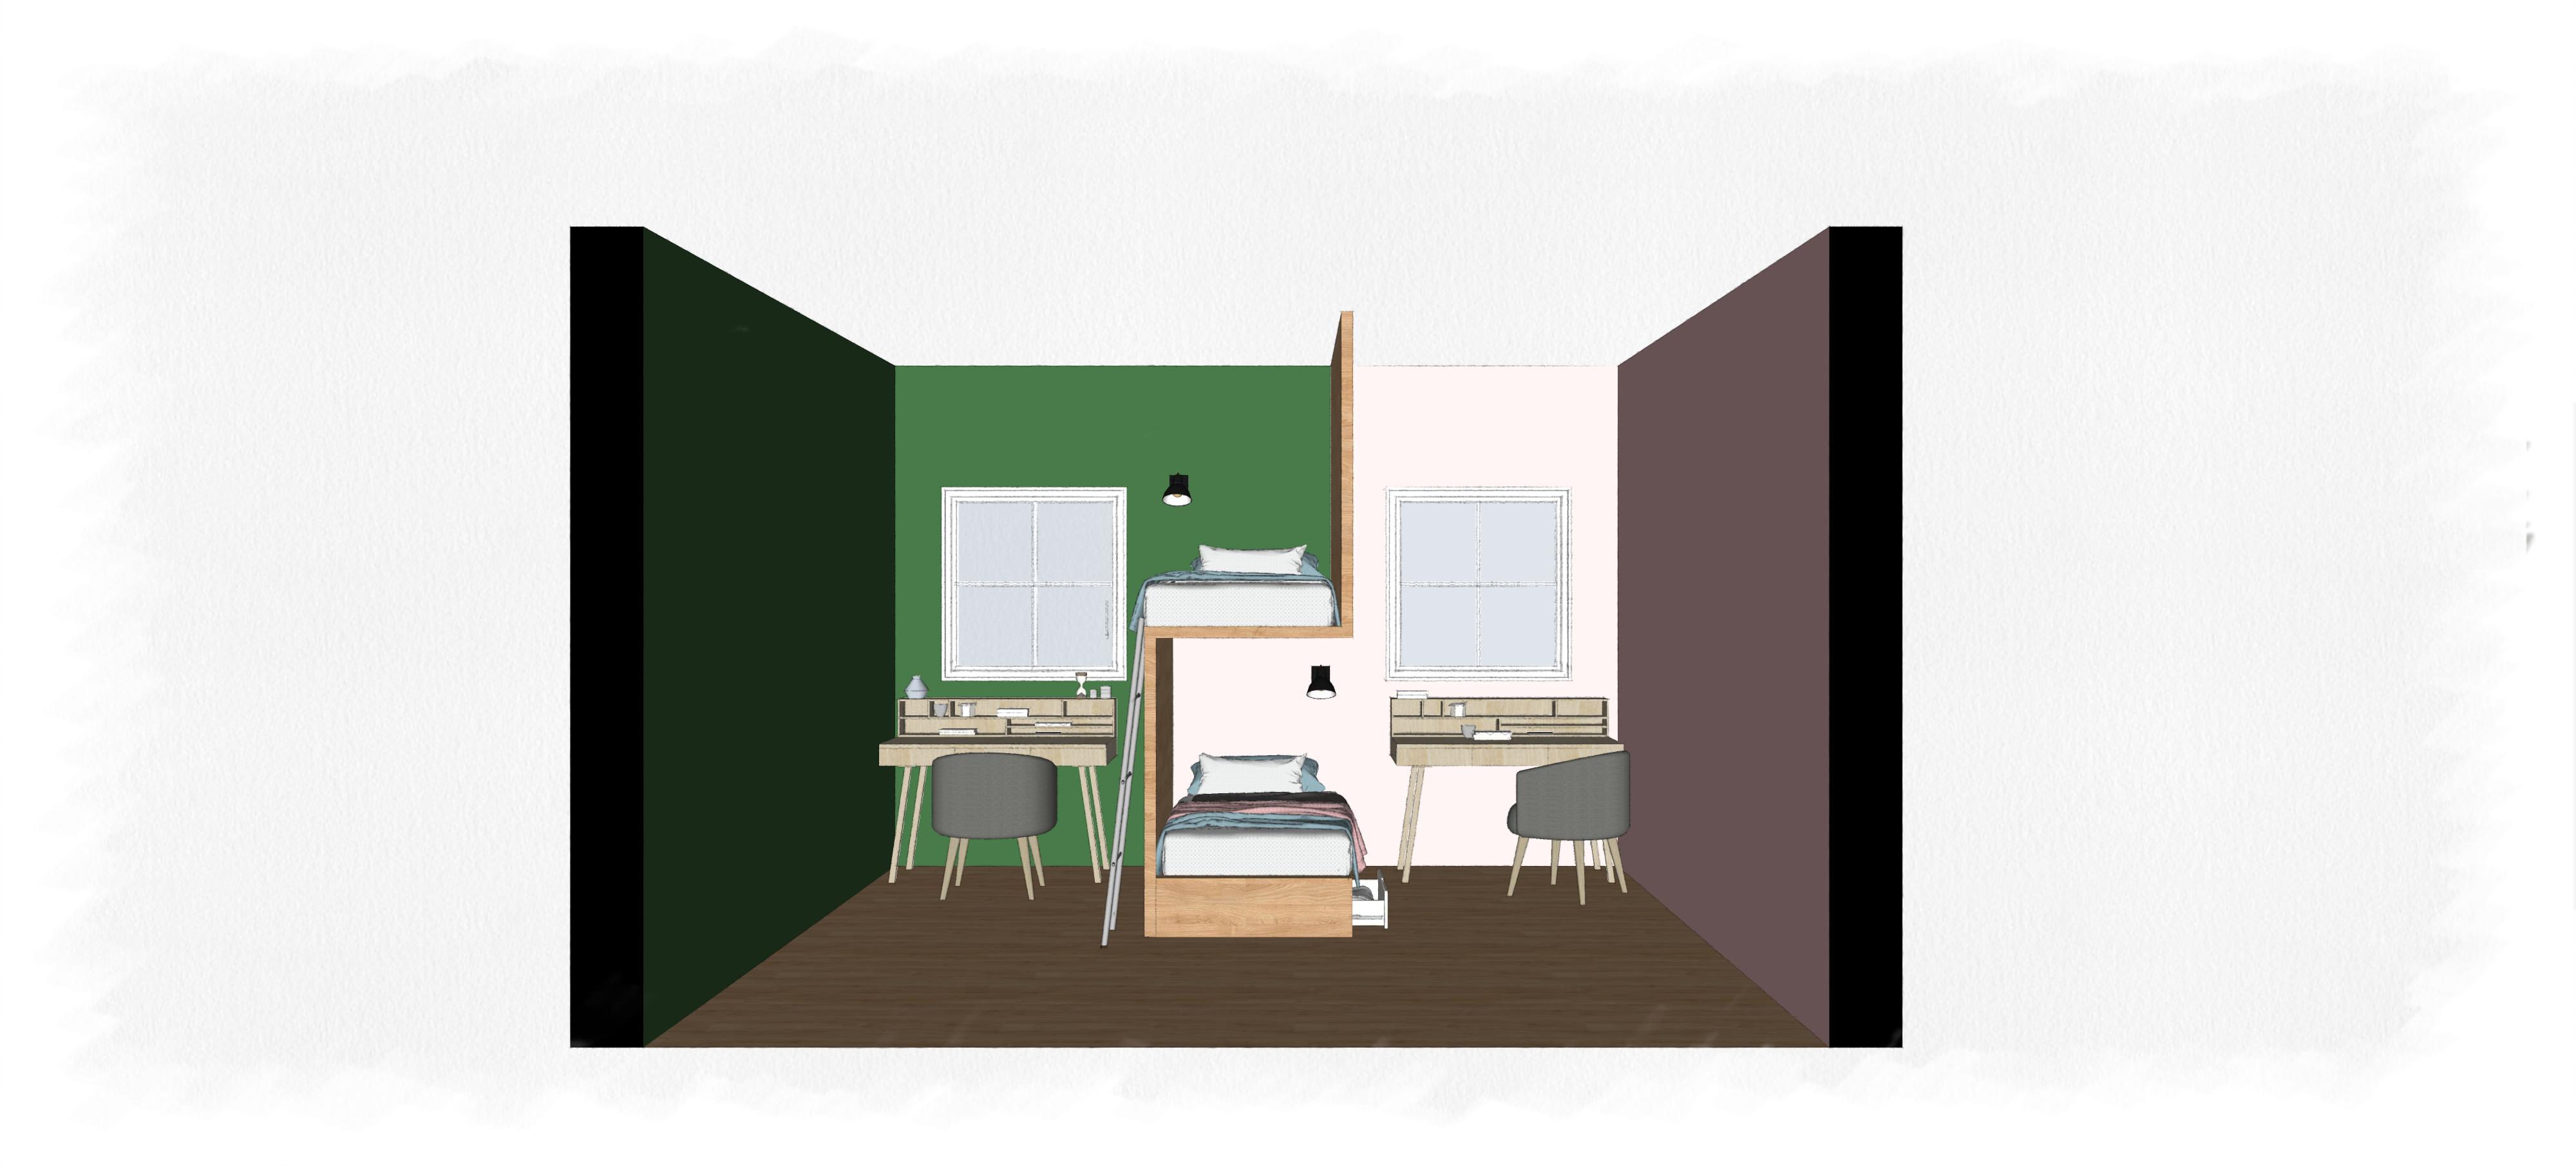 Cuanto cuesta cambiar el suelo de un piso integral cocina for Cambiar el suelo de un piso